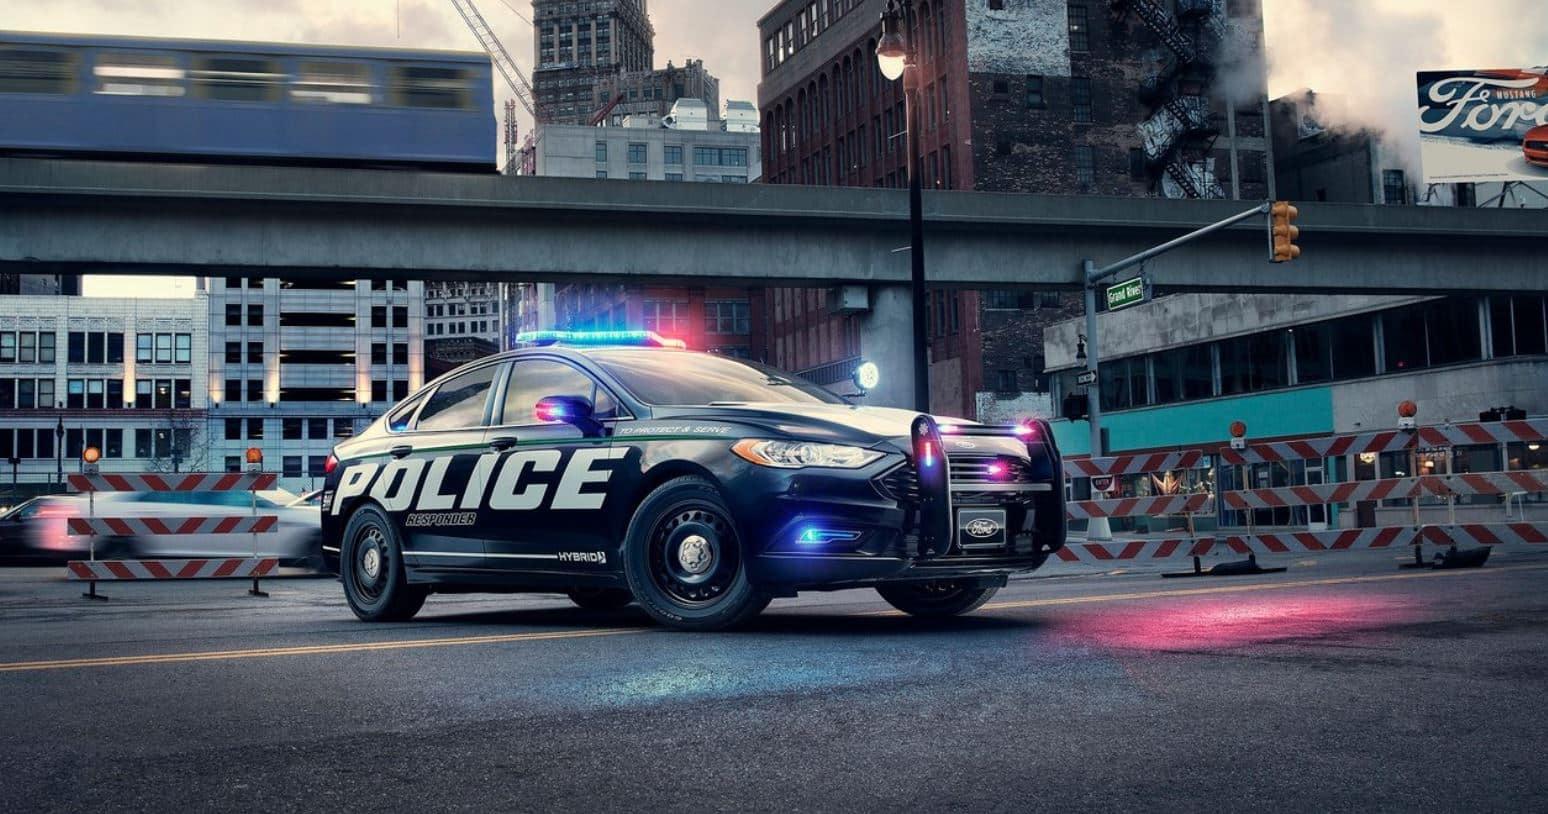 ¡Adiós al V6 de 3.7 litros!: El reemplazo es híbrido y se llama Ford Police Responder Hybrid Sedán